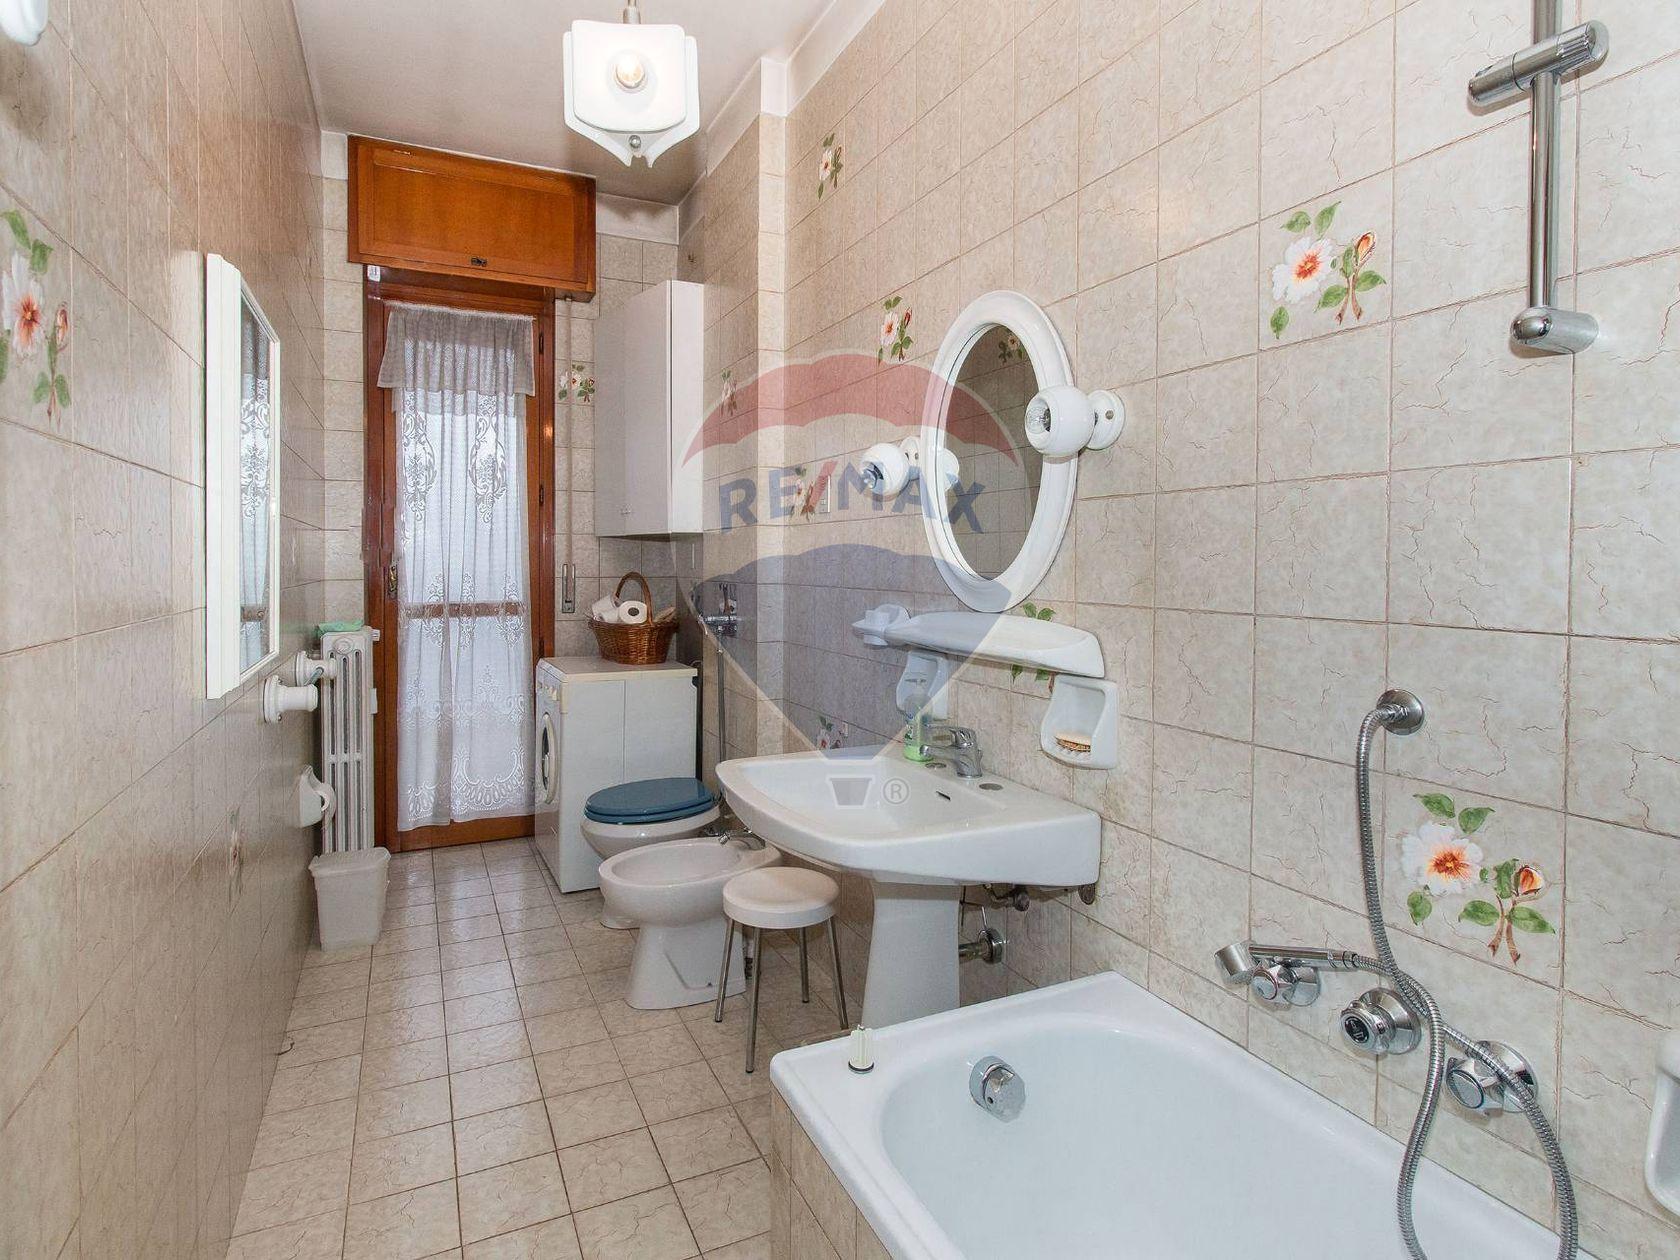 Appartamento San Pietro, Moncalieri, TO Vendita - Foto 11